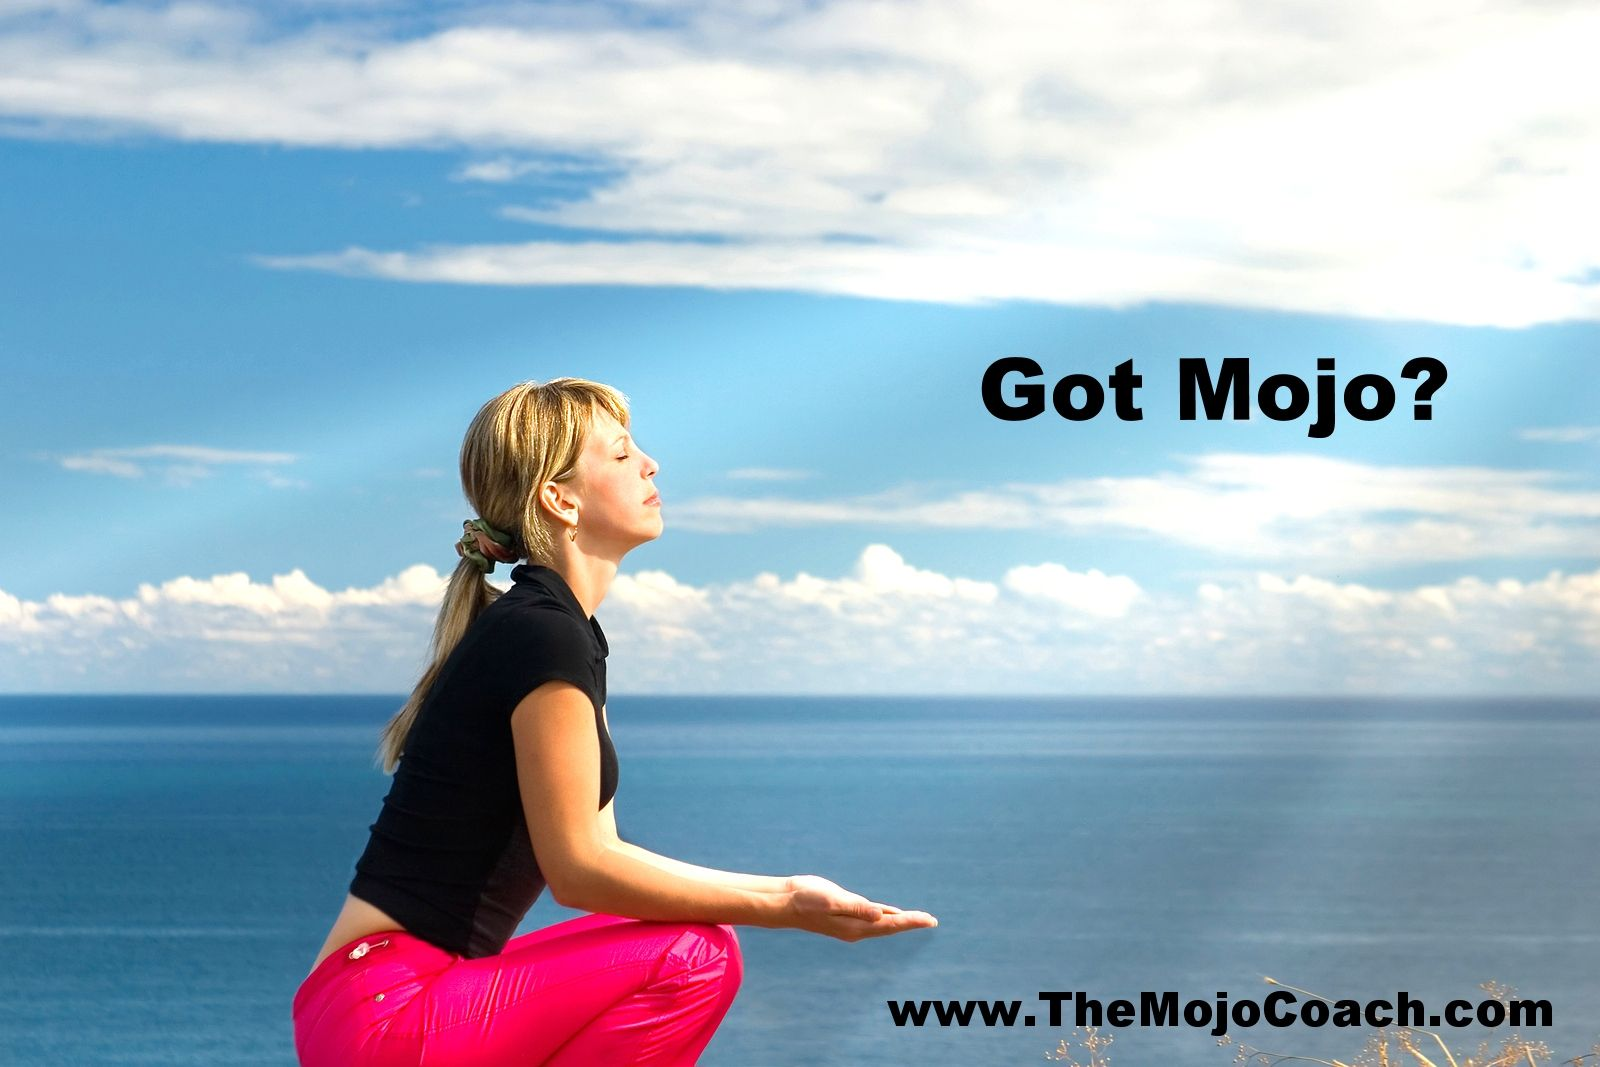 #gotmojo